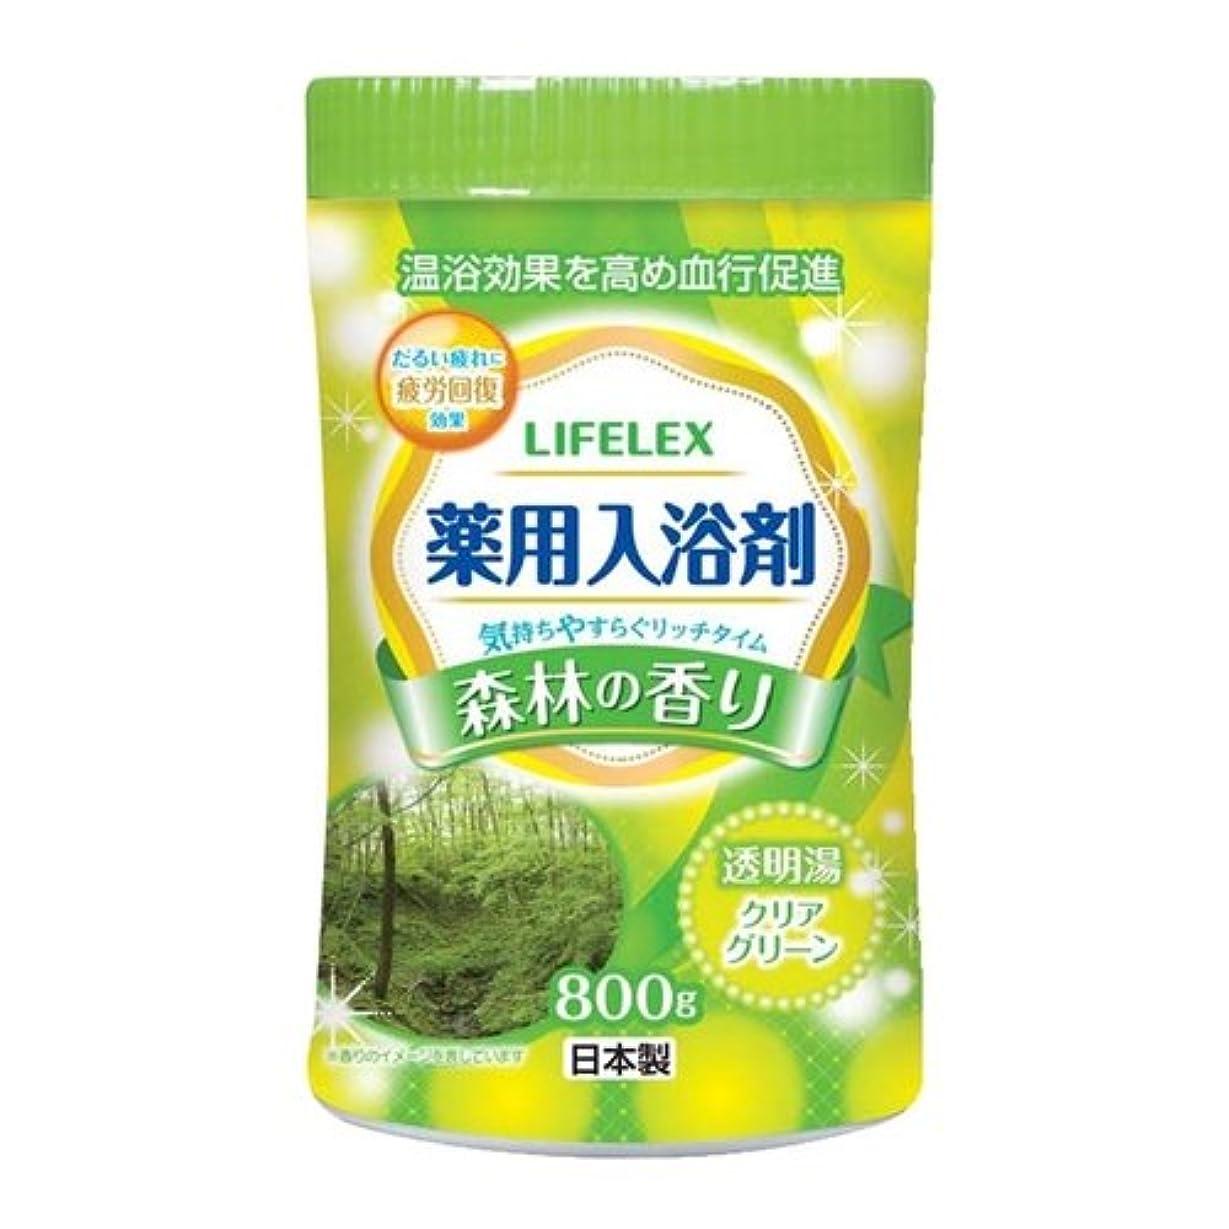 抑制するモールス信号アンプコーナンオリジナル 薬用入浴剤 森林の香り 800g